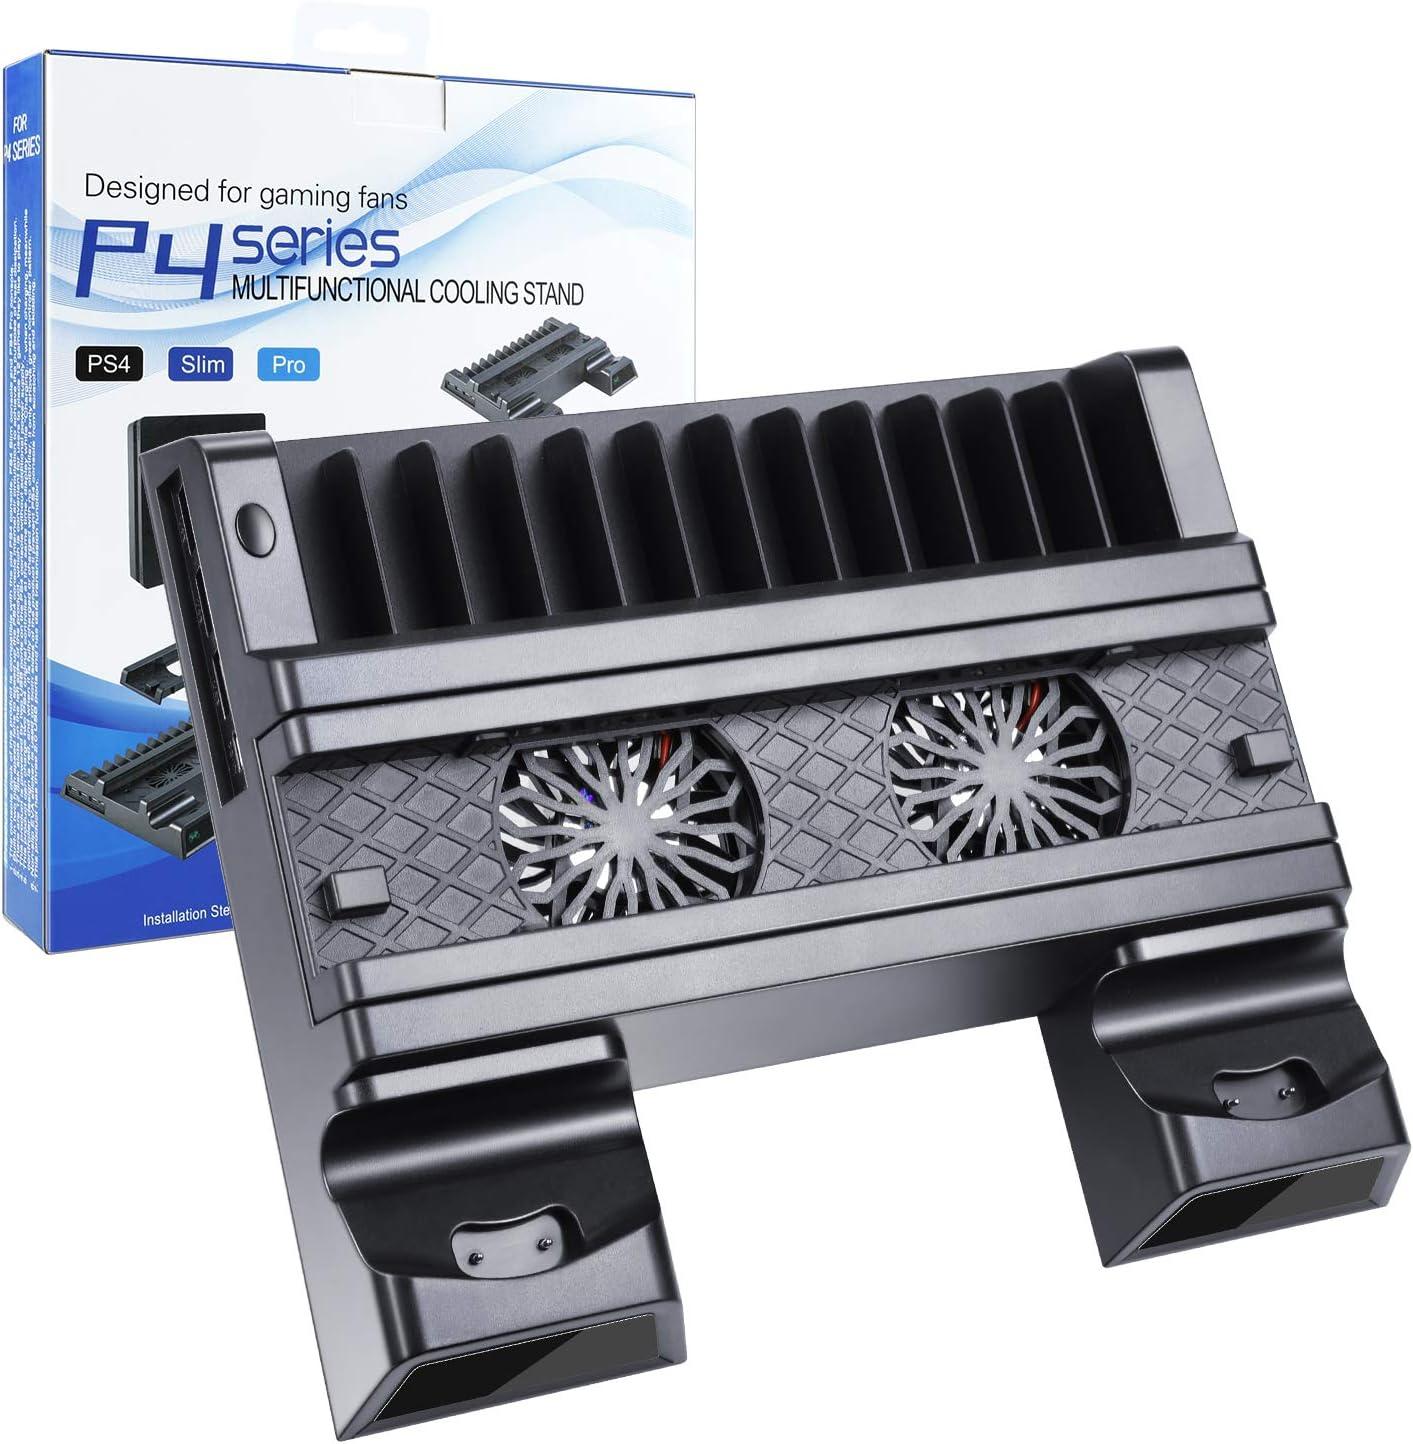 EXTSUD Base PS4 Slim/Pro 2 en 1 Soporte Vertical PS4 con Ventilador de Refrigeración Estación de Carga 4 Base Cargador para PS4/PS4 Slim/PS4 PRO Controller Accesorio Stand para PS4